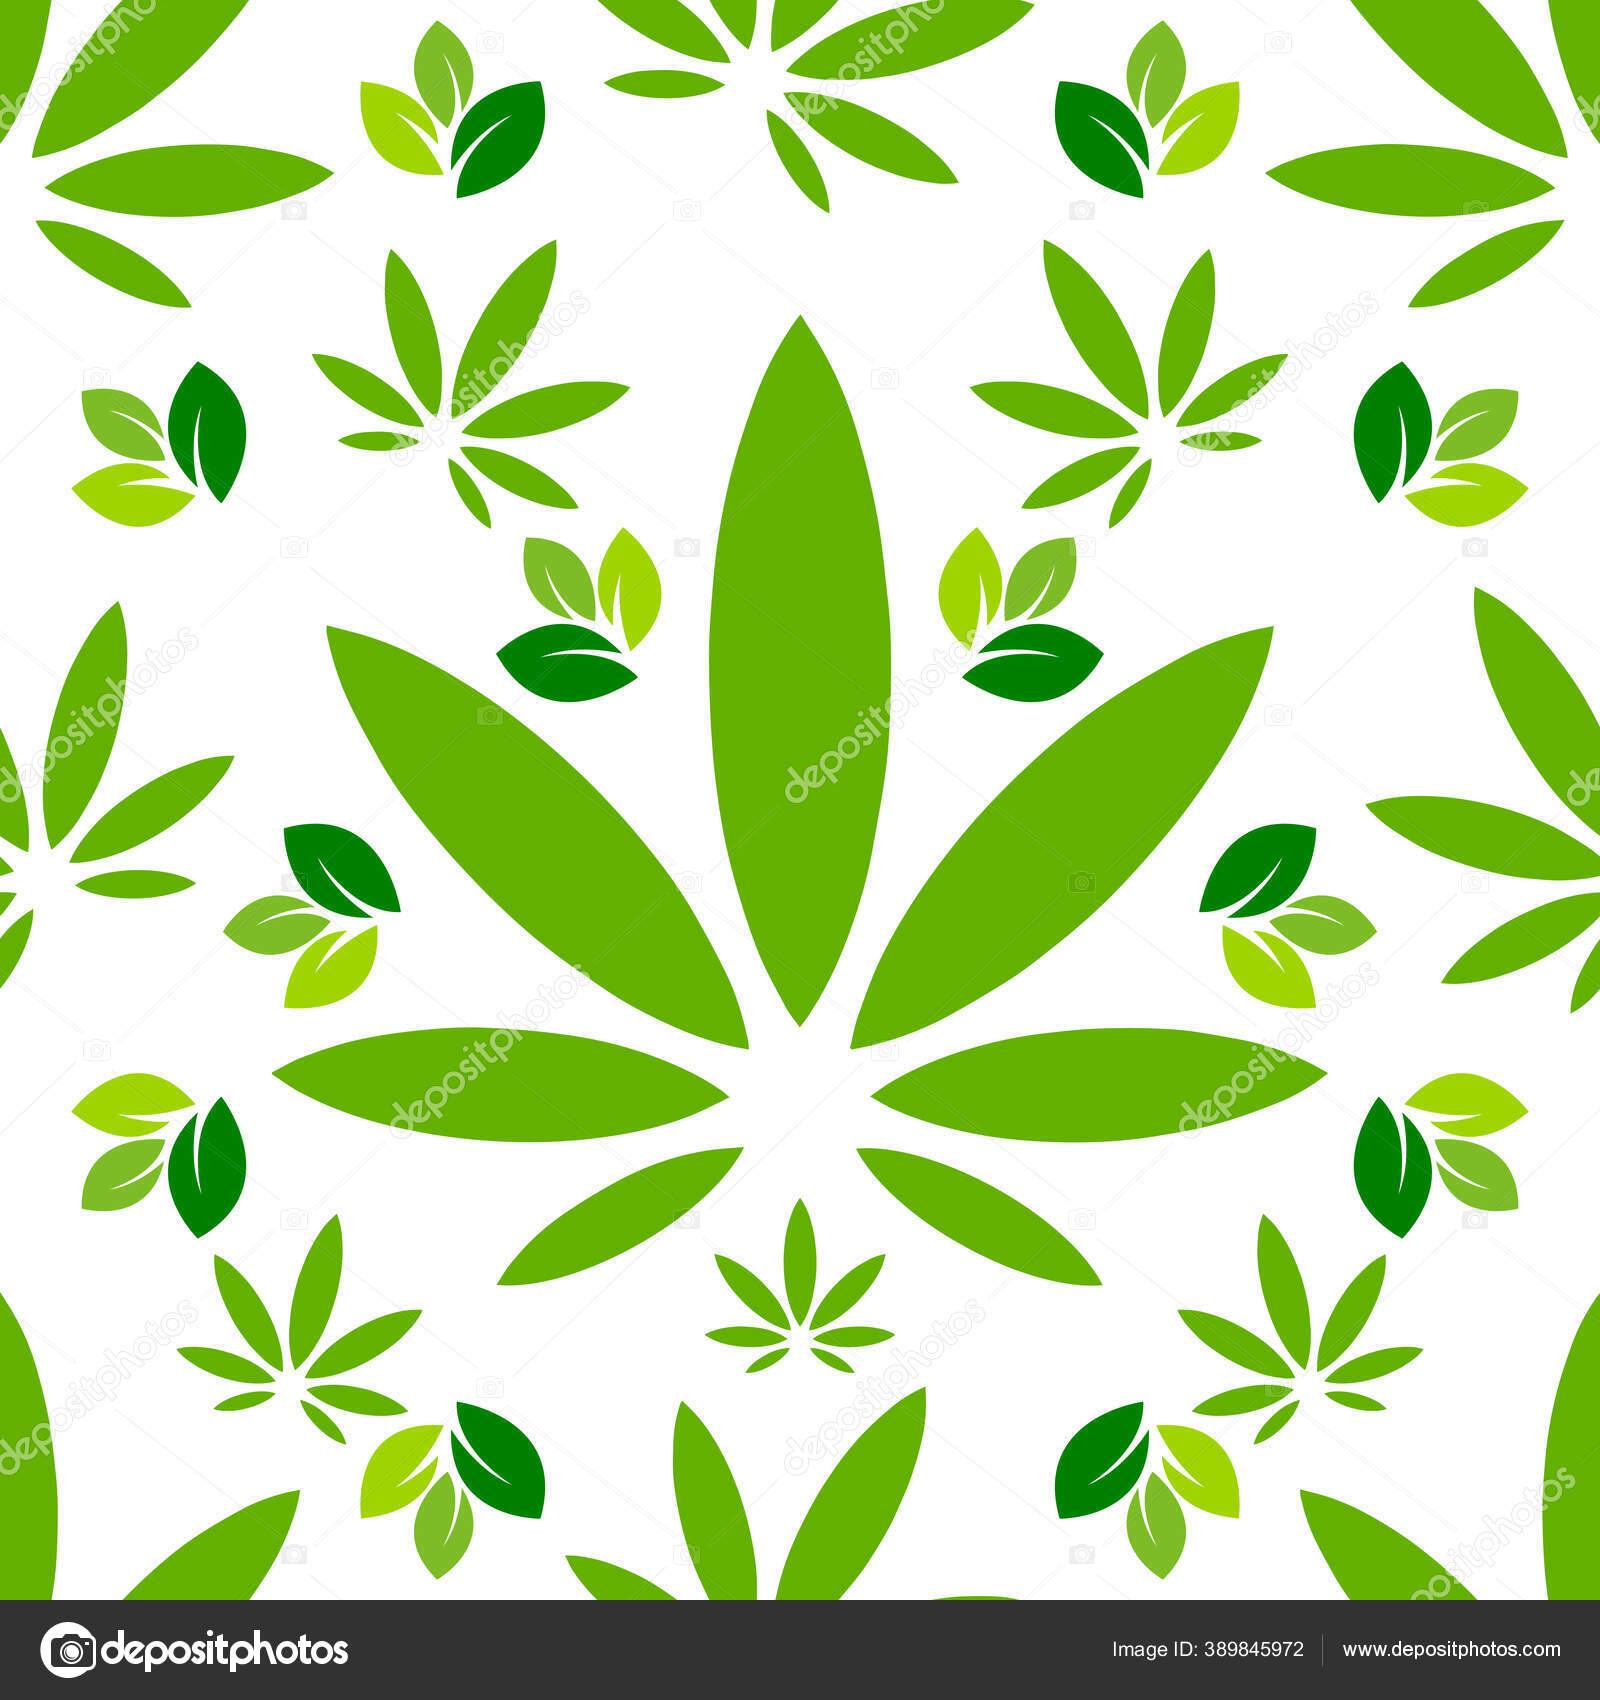 depositphotos 389845972 stock illustration cannabis marijuana leaf leaves design